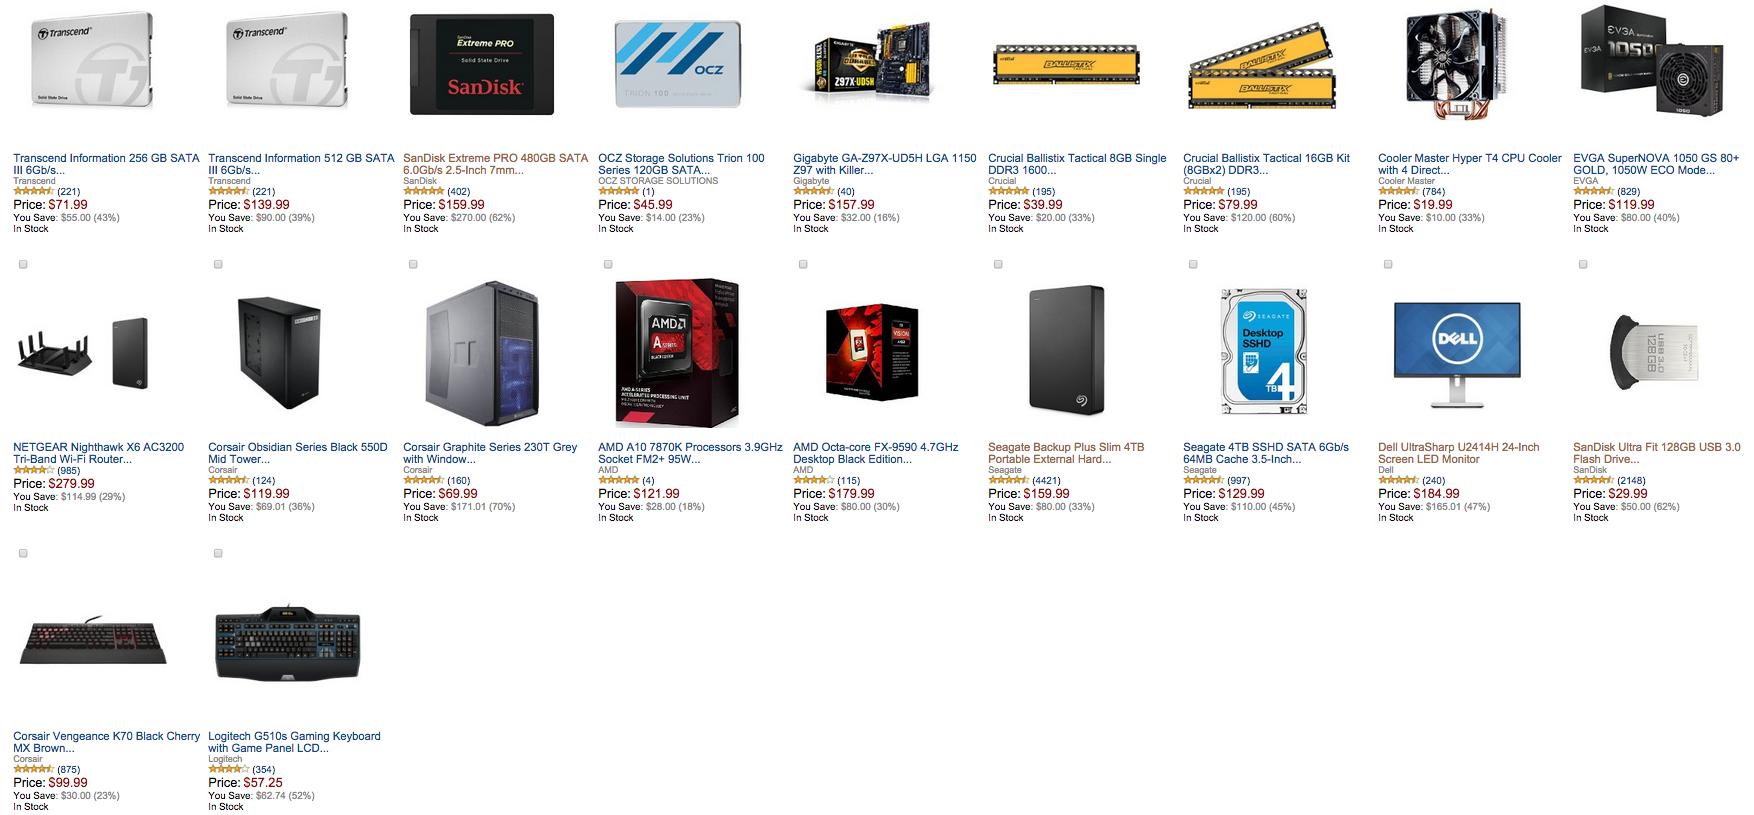 amazon-gold-box-computer-accessories